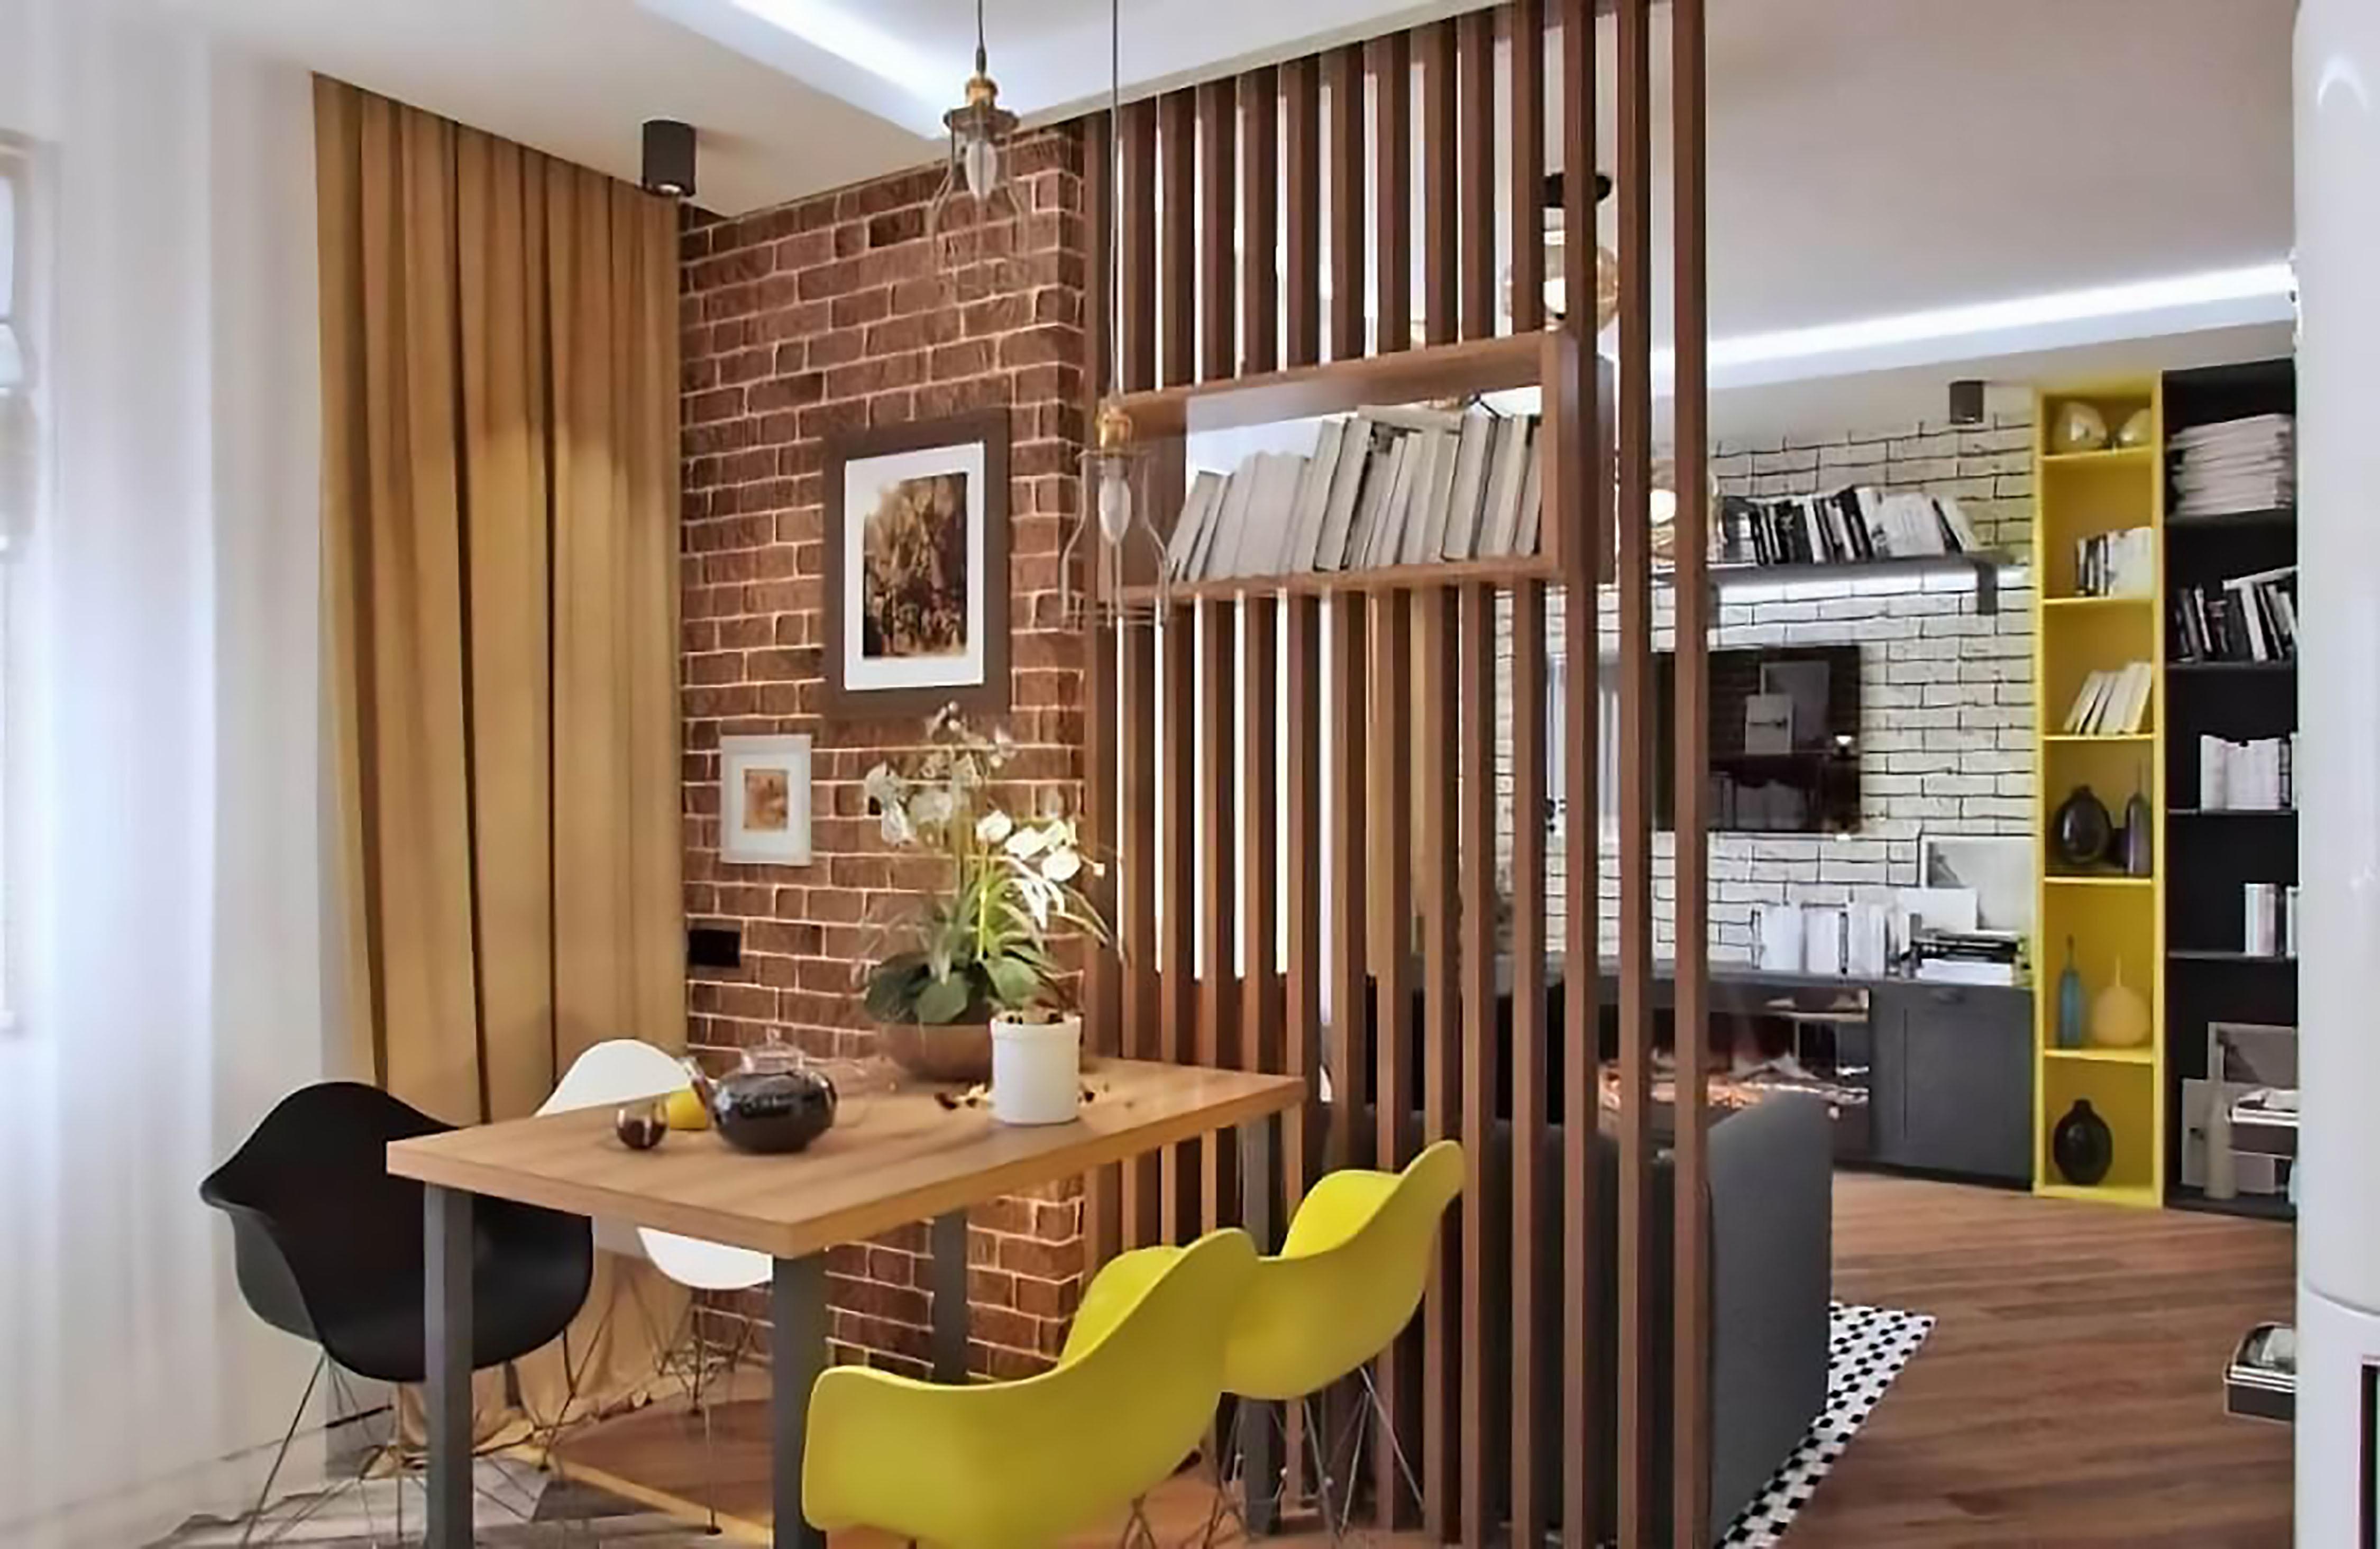 lam gỗ ngăn phòng khách với nhà bếp